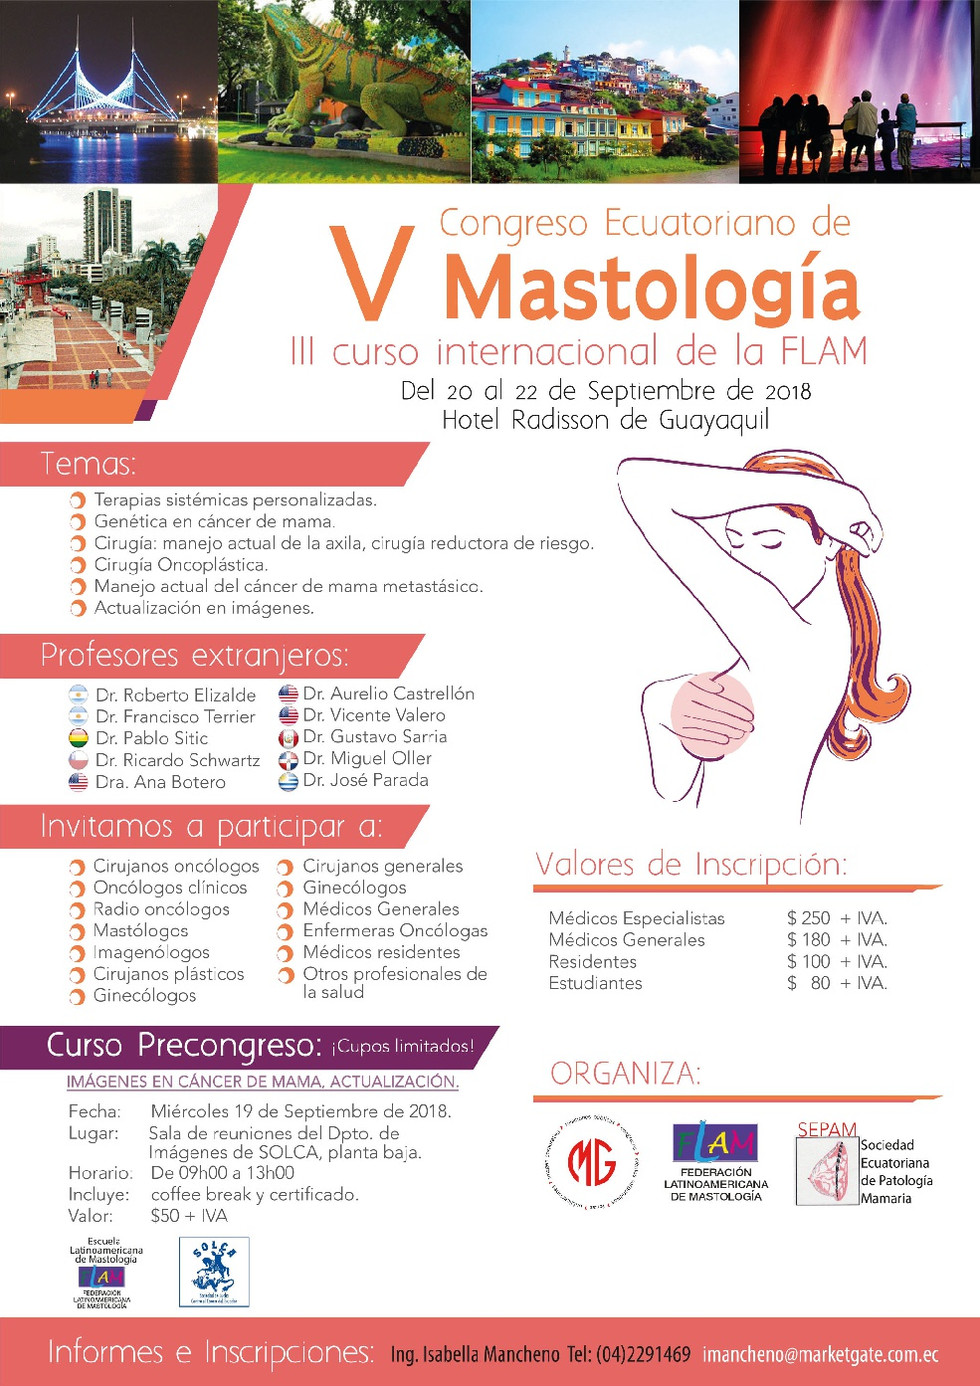 V Congreso Ecuatoriano de Mastología y III Curso Internacional de la Federación Latinoamericana de M